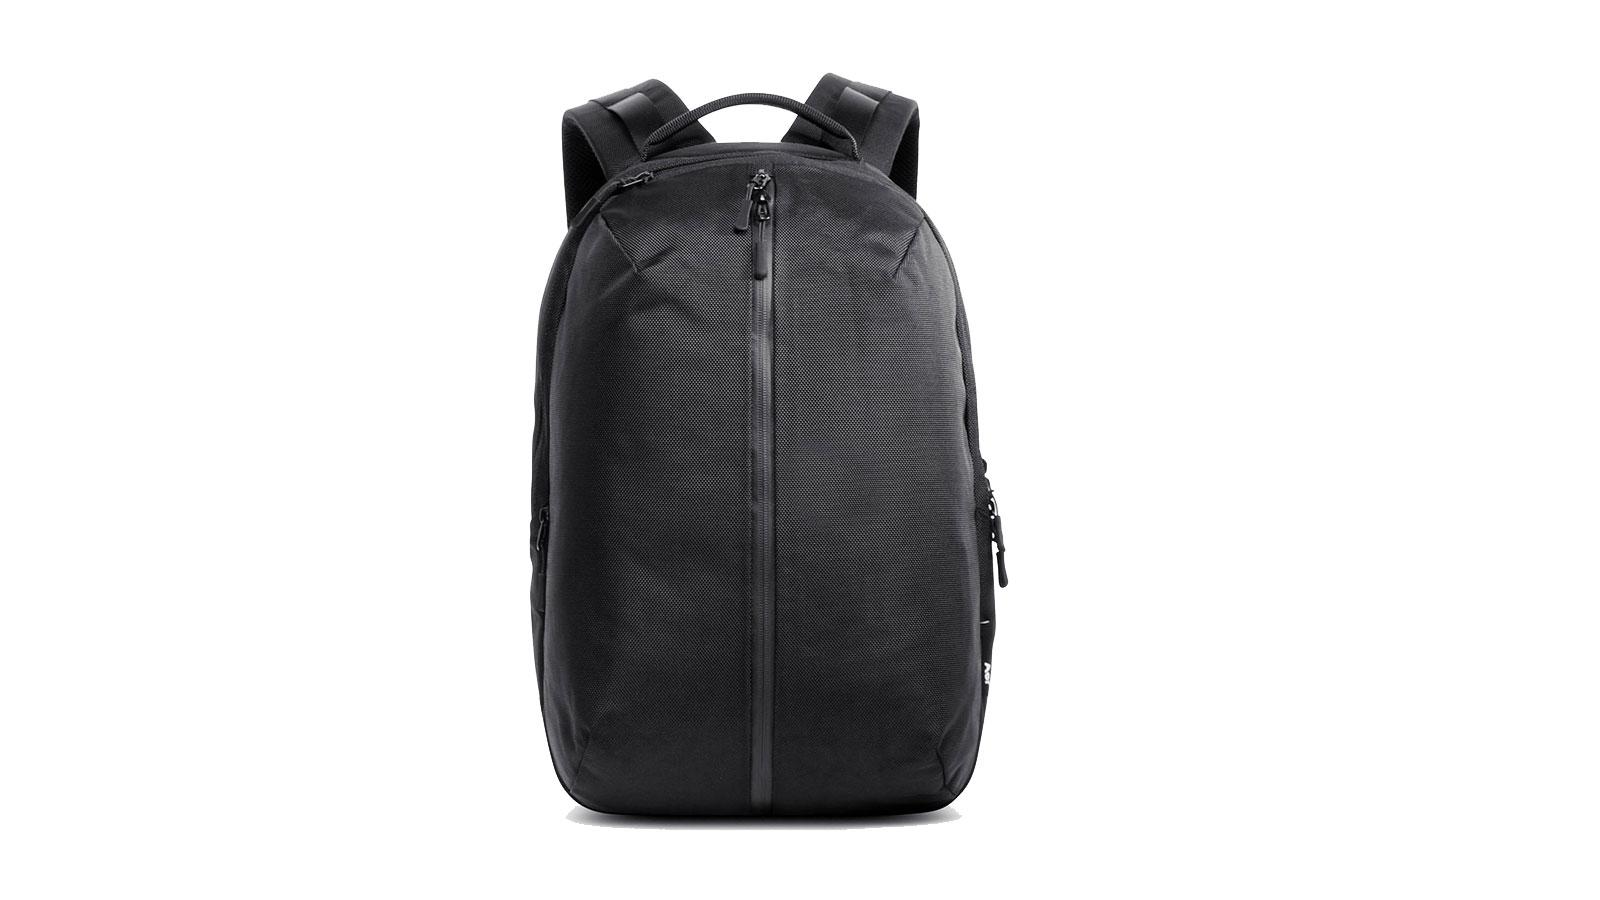 >Aer Fit Laptop Backpack | best laptop bags for men